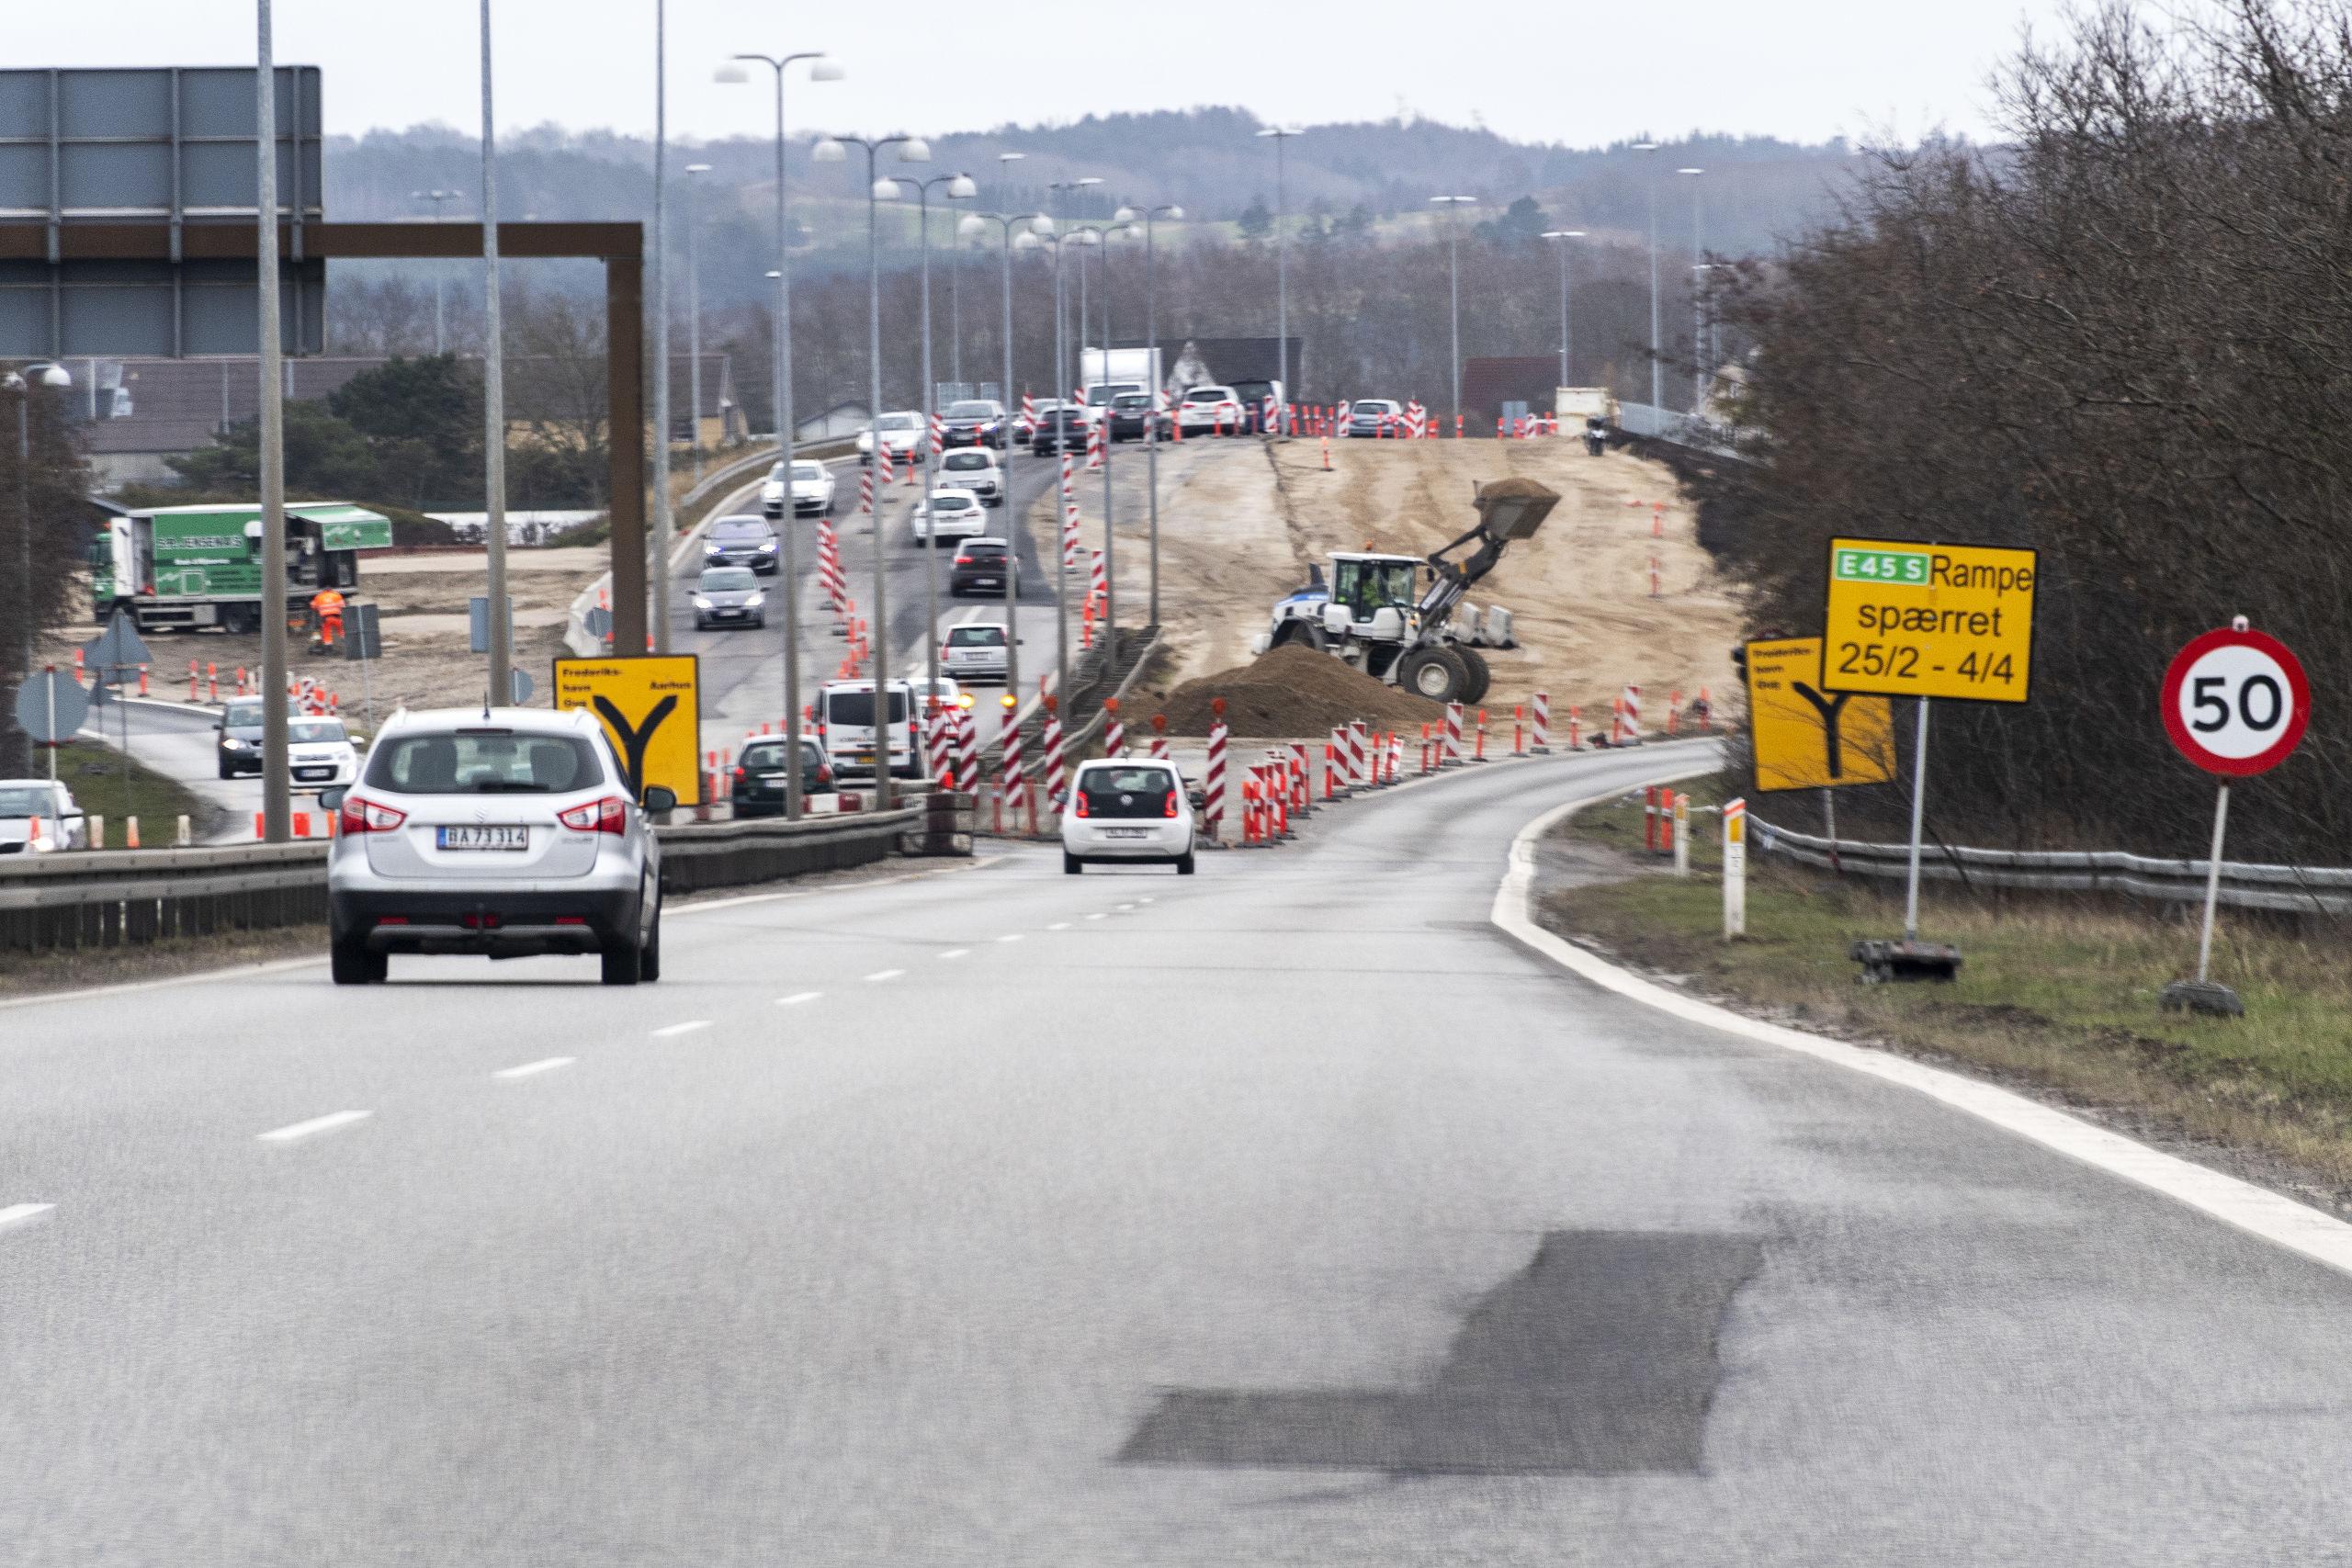 Stort vejarbejde: Tilkørsel til motorvejen spærres fra på mandag